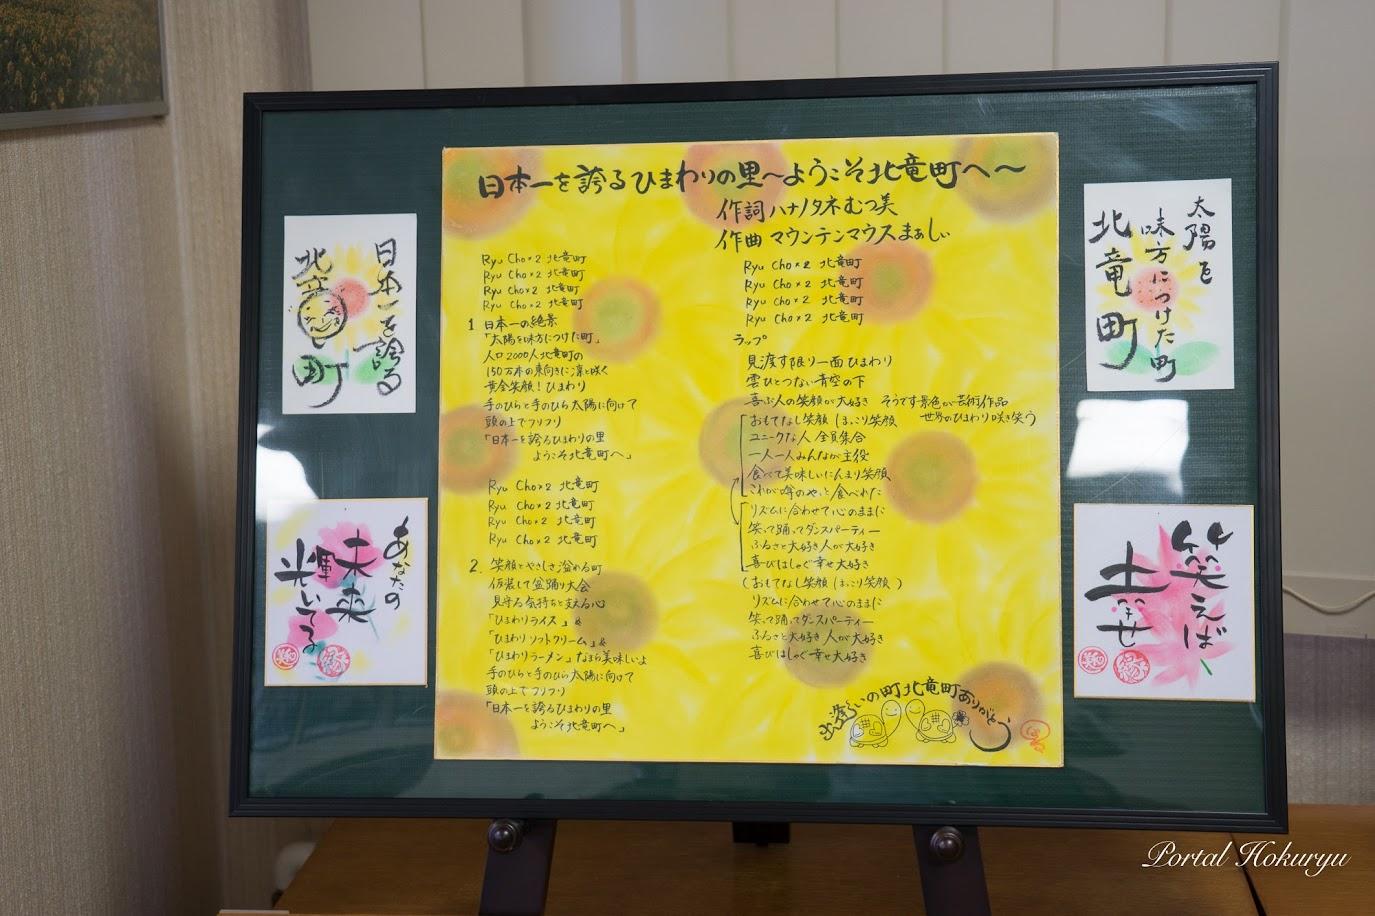 日本一を誇るひまわりの里〜ようこそ北竜町へ〜